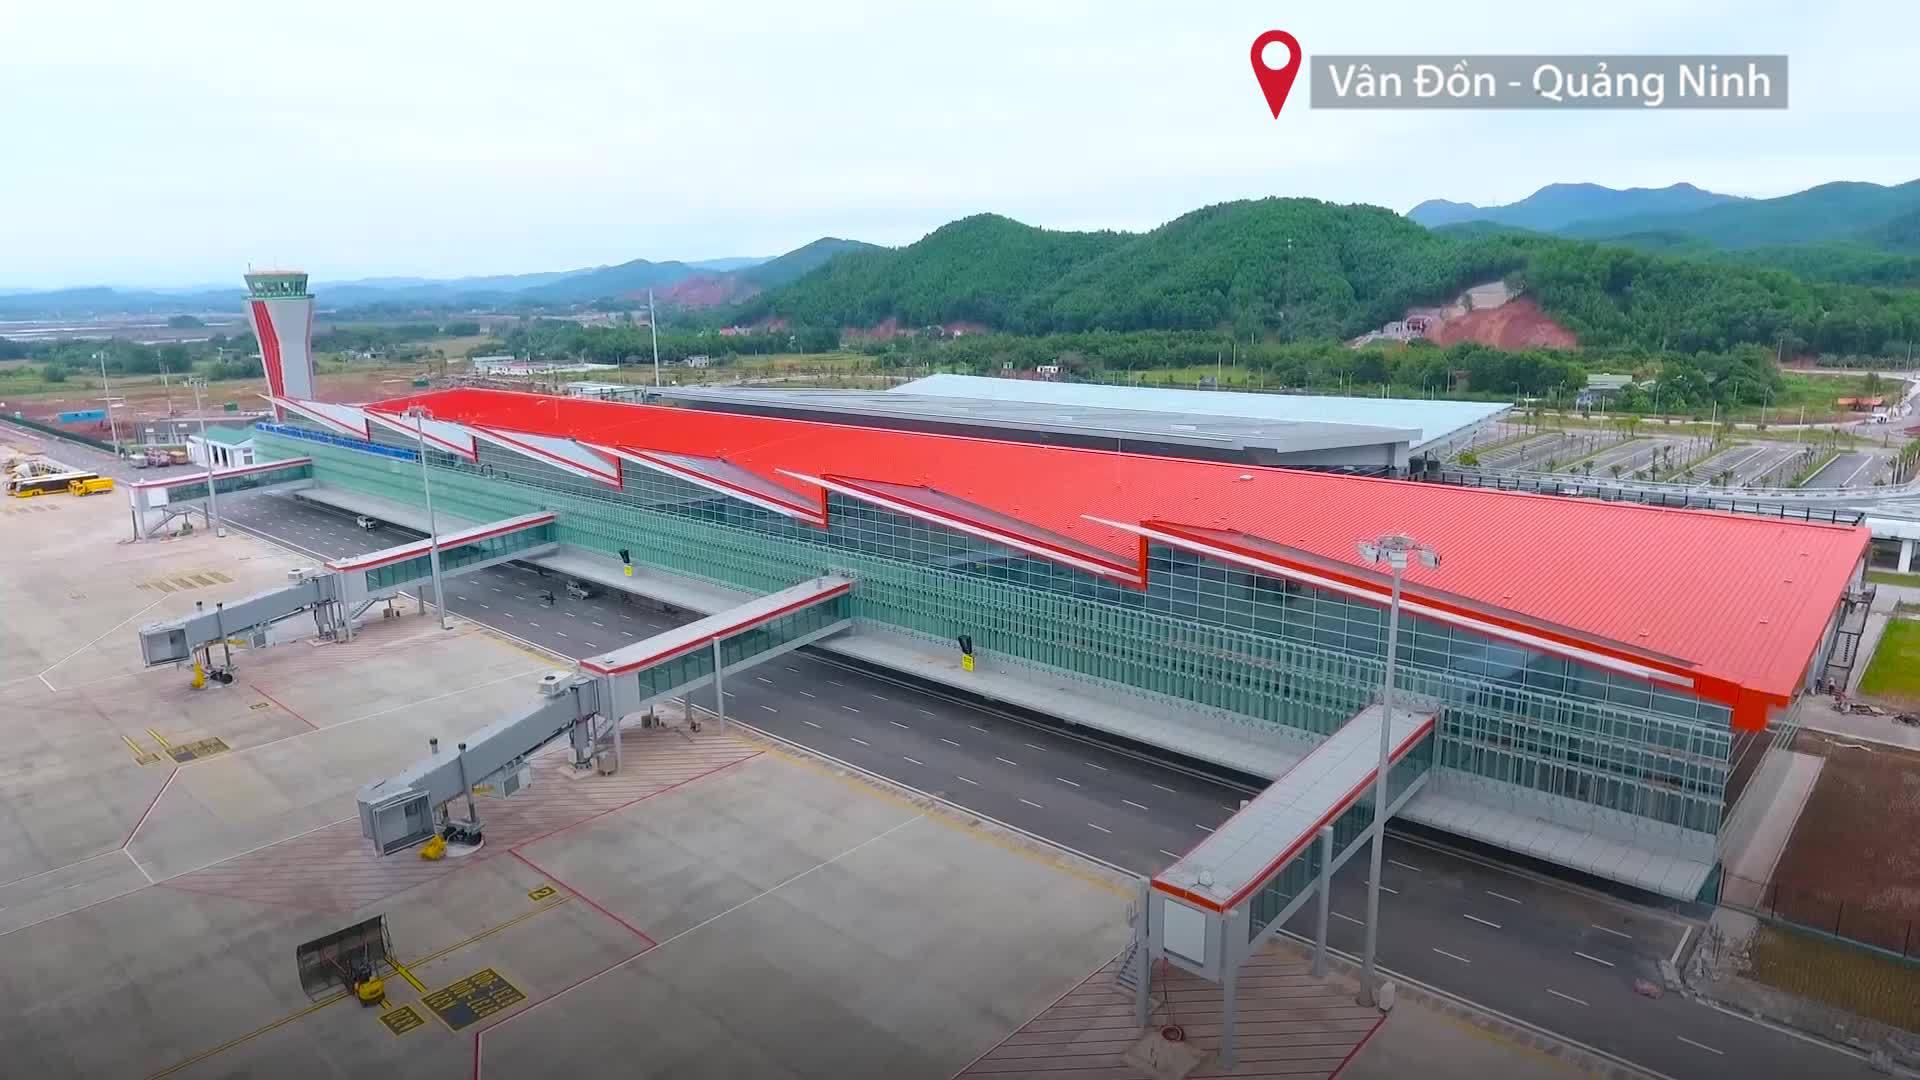 Sân bay tư nhân 7.700 tỷ đồng trước ngày đi vào khai thác